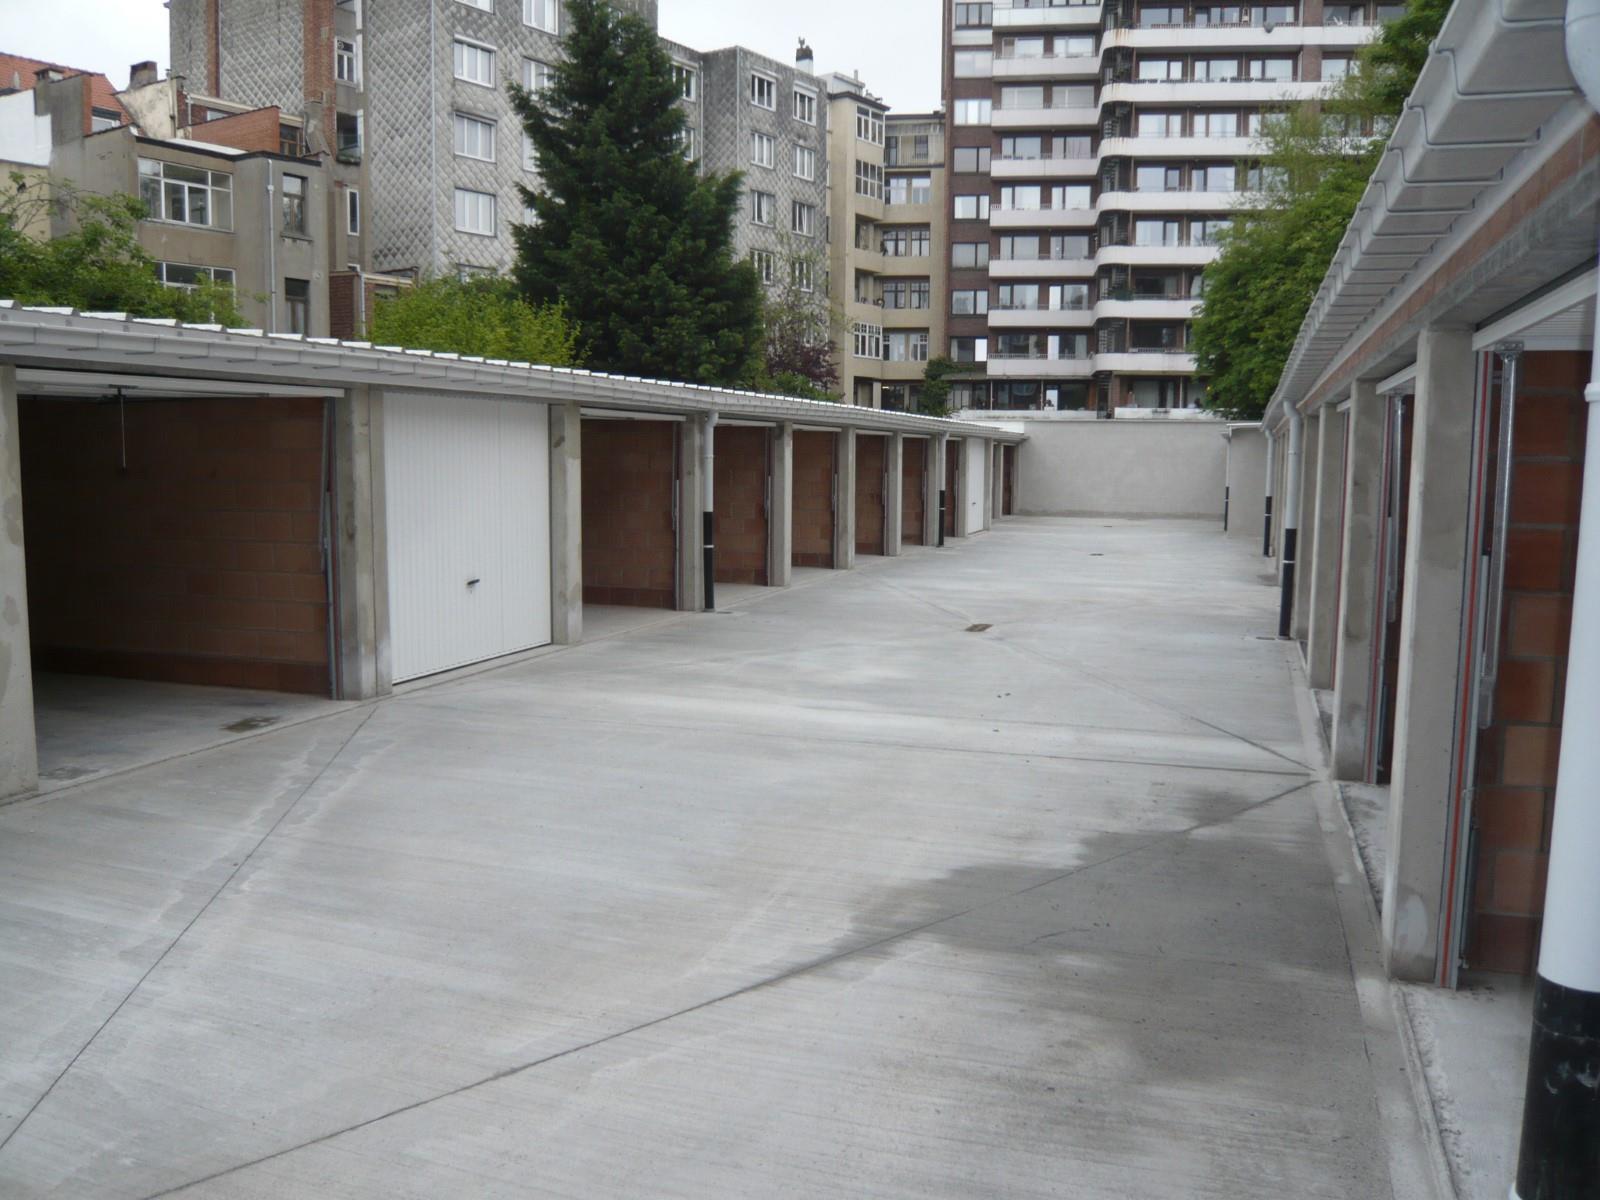 Closed garage - Schaerbeek - #3975304-1